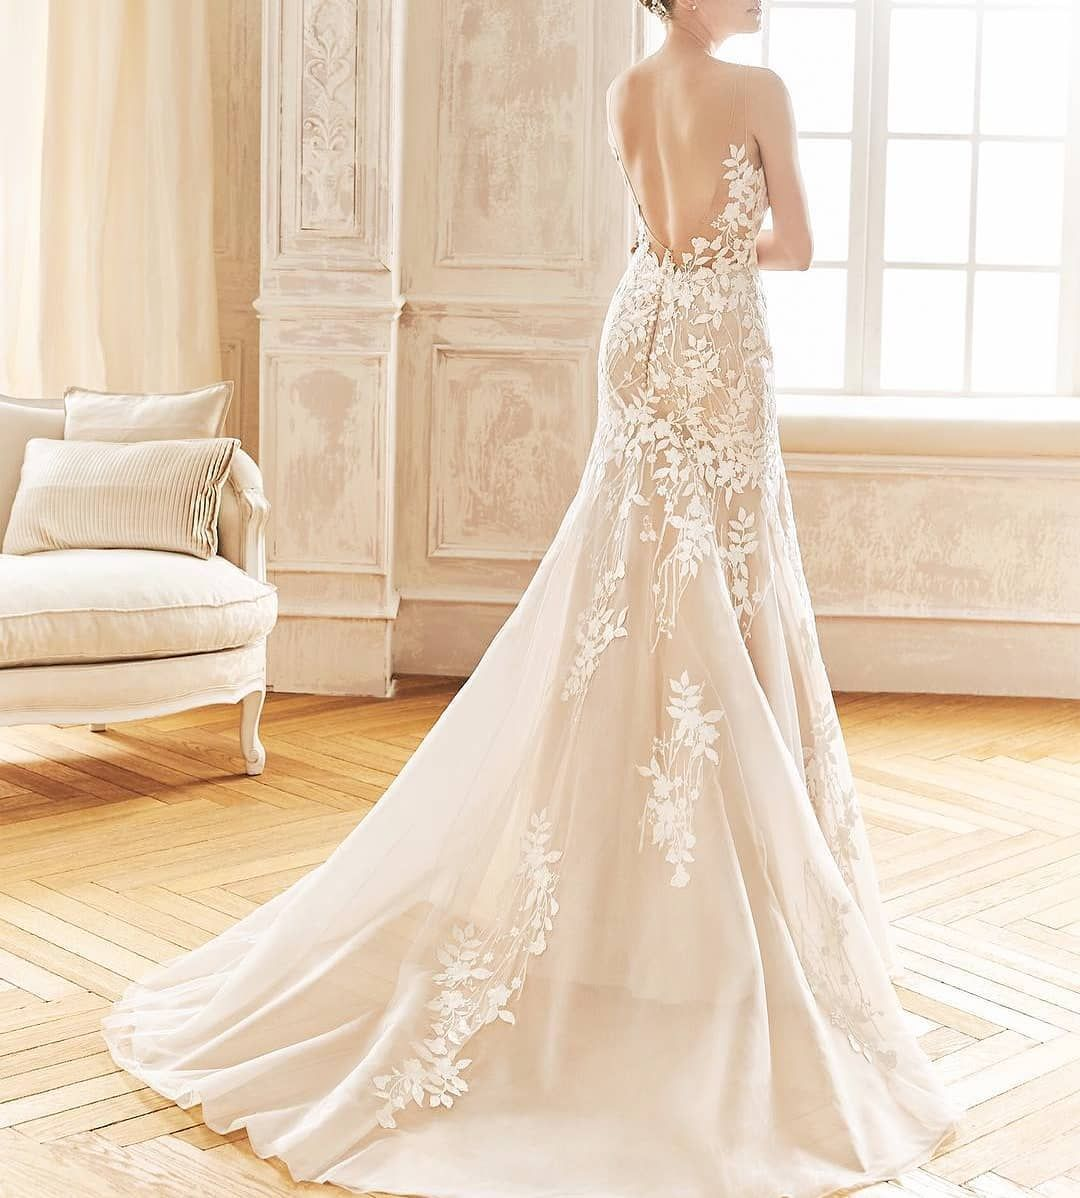 Sewa Gaun Pengantin Mewah Hanya Mulai Rp 950 000 Saja Lihat Koleksi Lainy Di Vynahuang Id V Simple Elegant Wedding Dress Wedding Dresses Elegant Bridal Gown